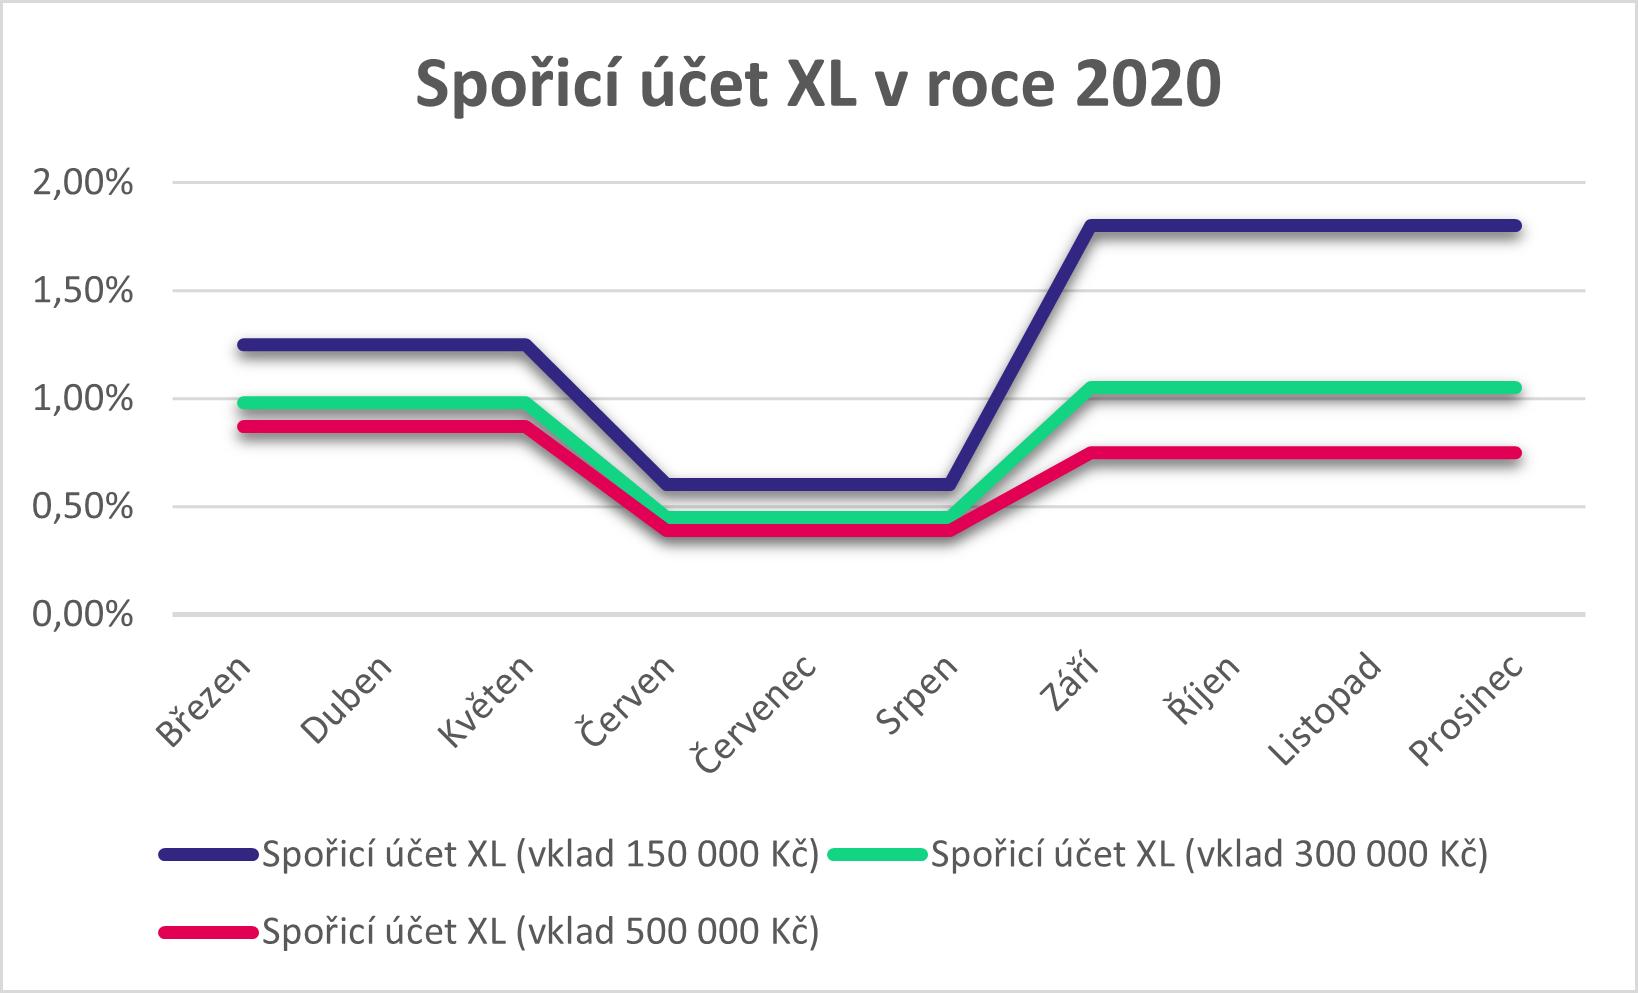 spořicí účet xl 2020